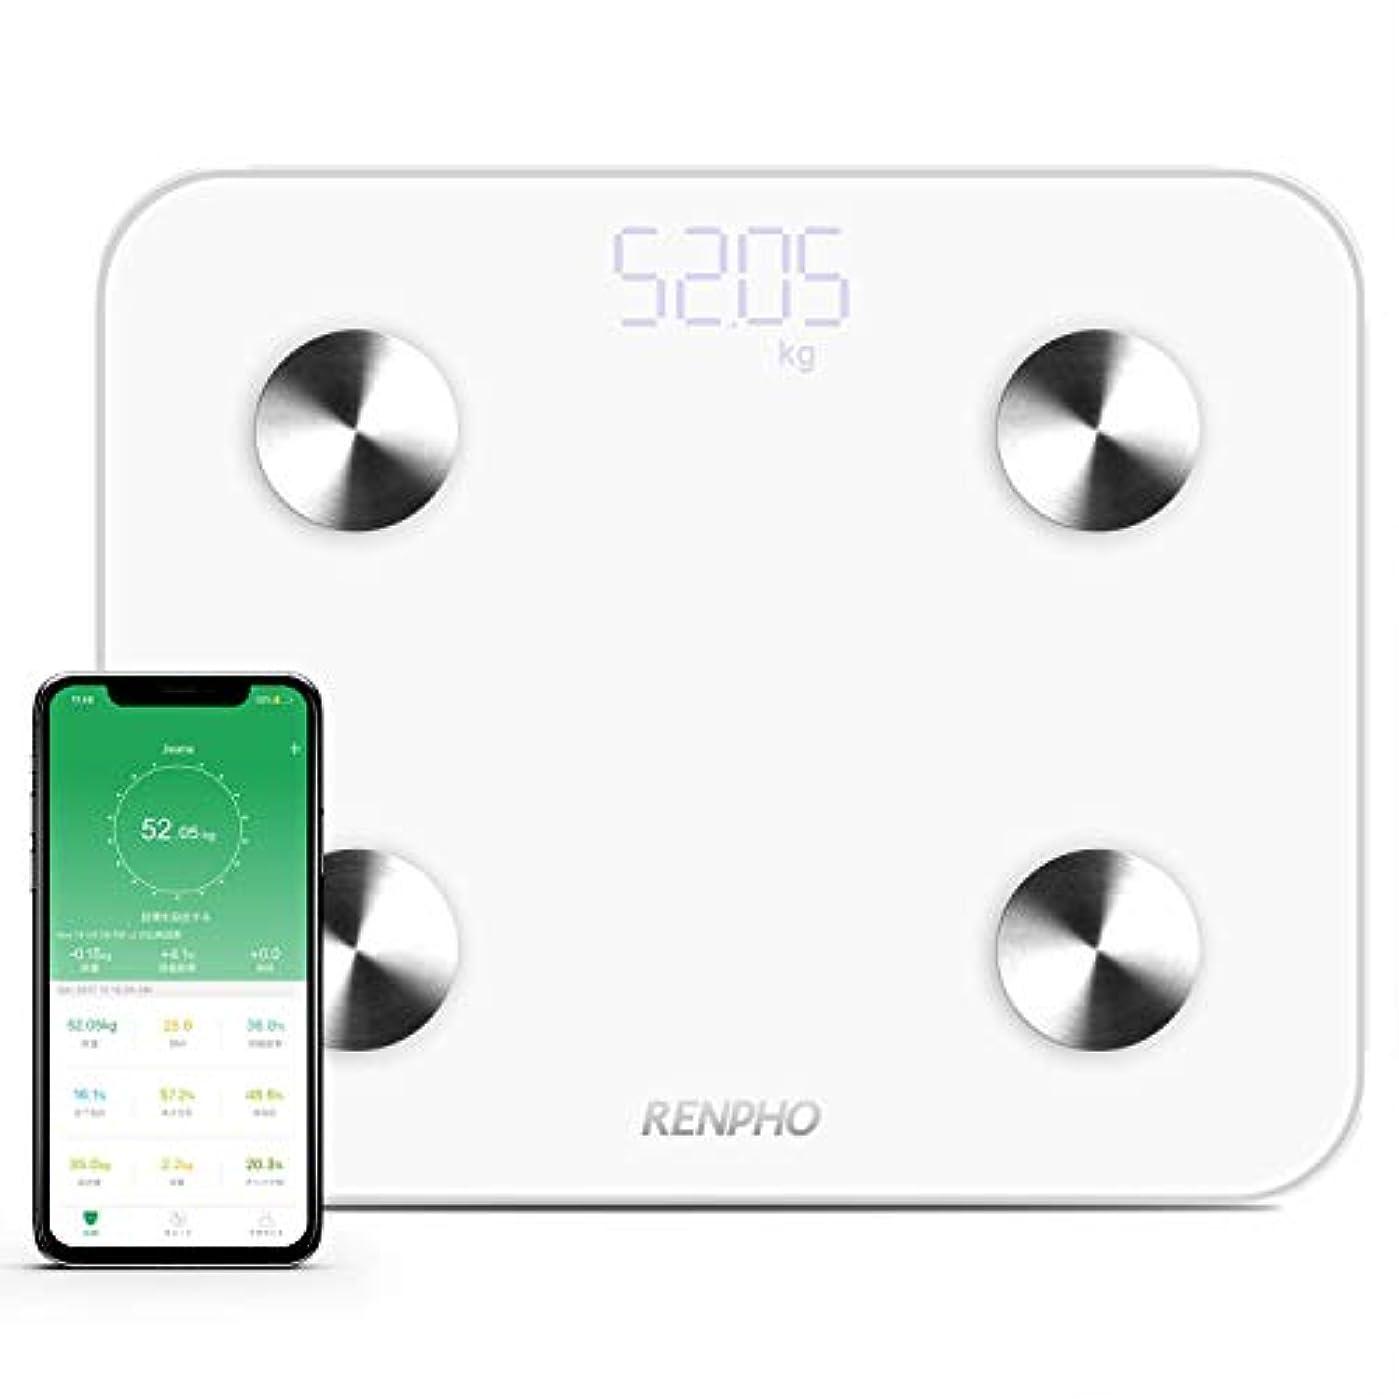 時代遅れキュービック永続RENPHO 体重?体組成計 USB充電 体重計 スマホ連動 体脂肪計 体重/体脂肪率/皮下脂肪/内臓脂肪/筋肉量/骨量/体水分率/基礎代謝量/BMIなど測定可能 Bluetooth 体組成計 iOS/Androidアプリで健康管理 ヘルスケア同期 スマートスケール (日本語対応APP&取扱説明書)